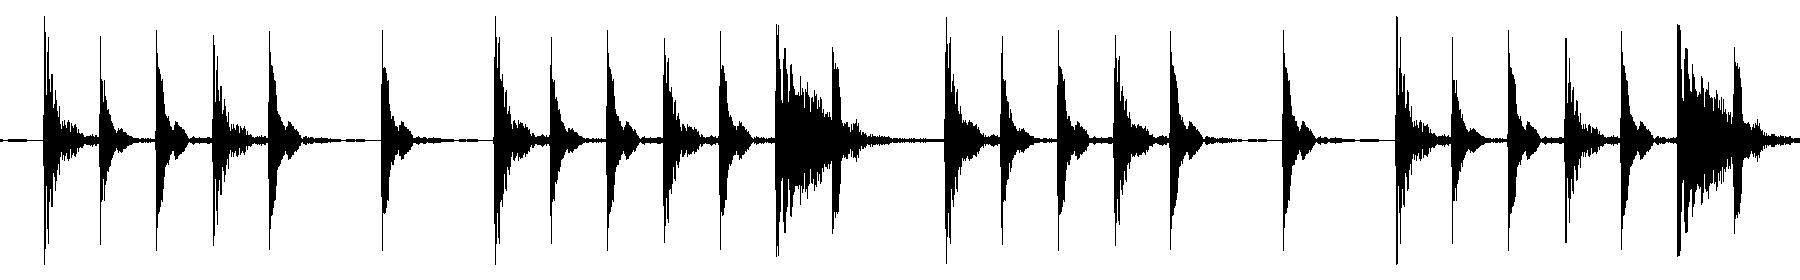 percloop11 114